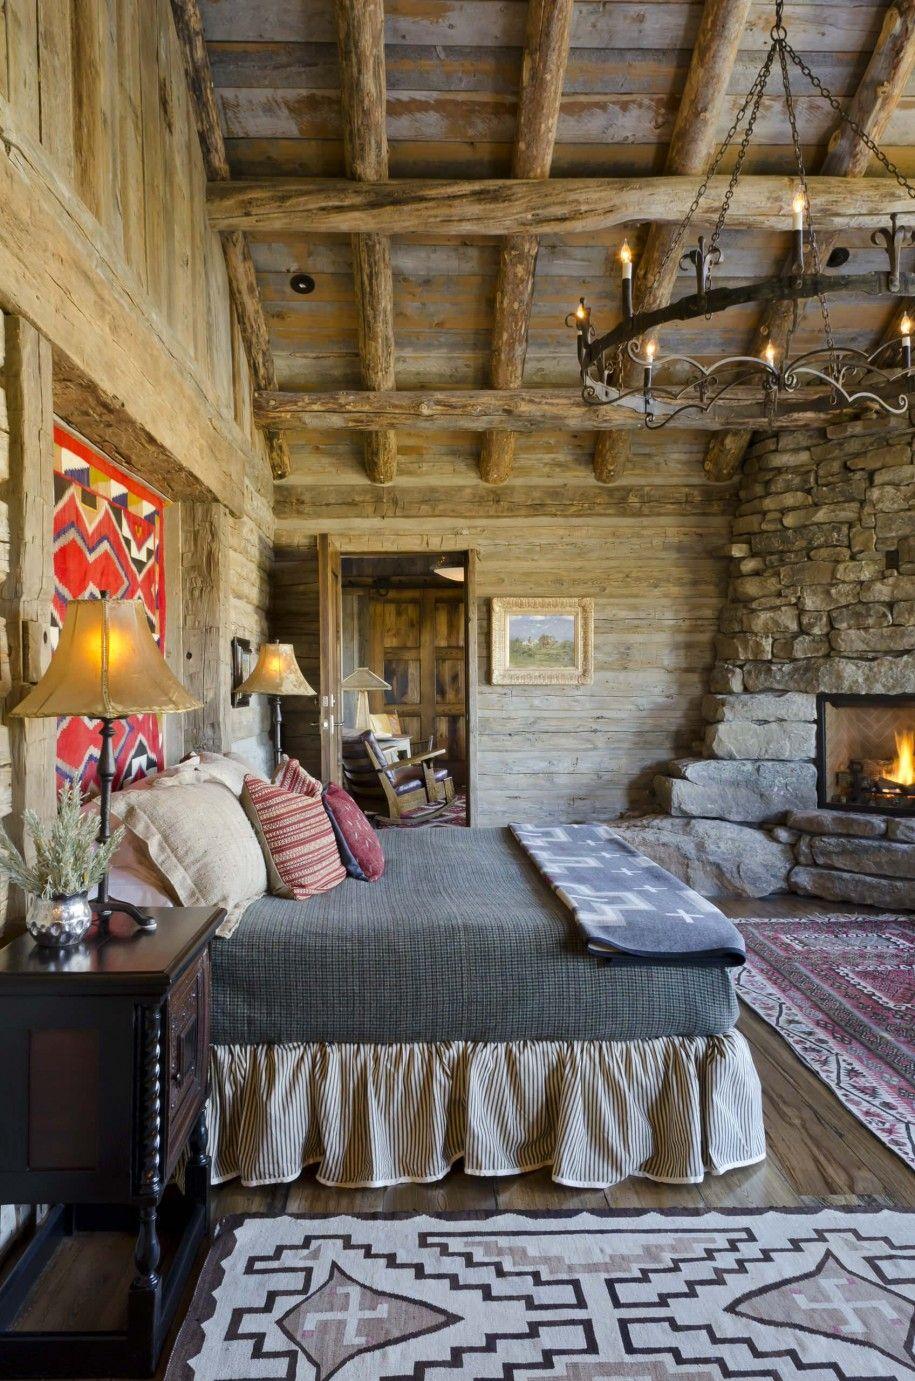 Create Your Rustic Bedroom Look Stunning: Rustic Bedroom ...